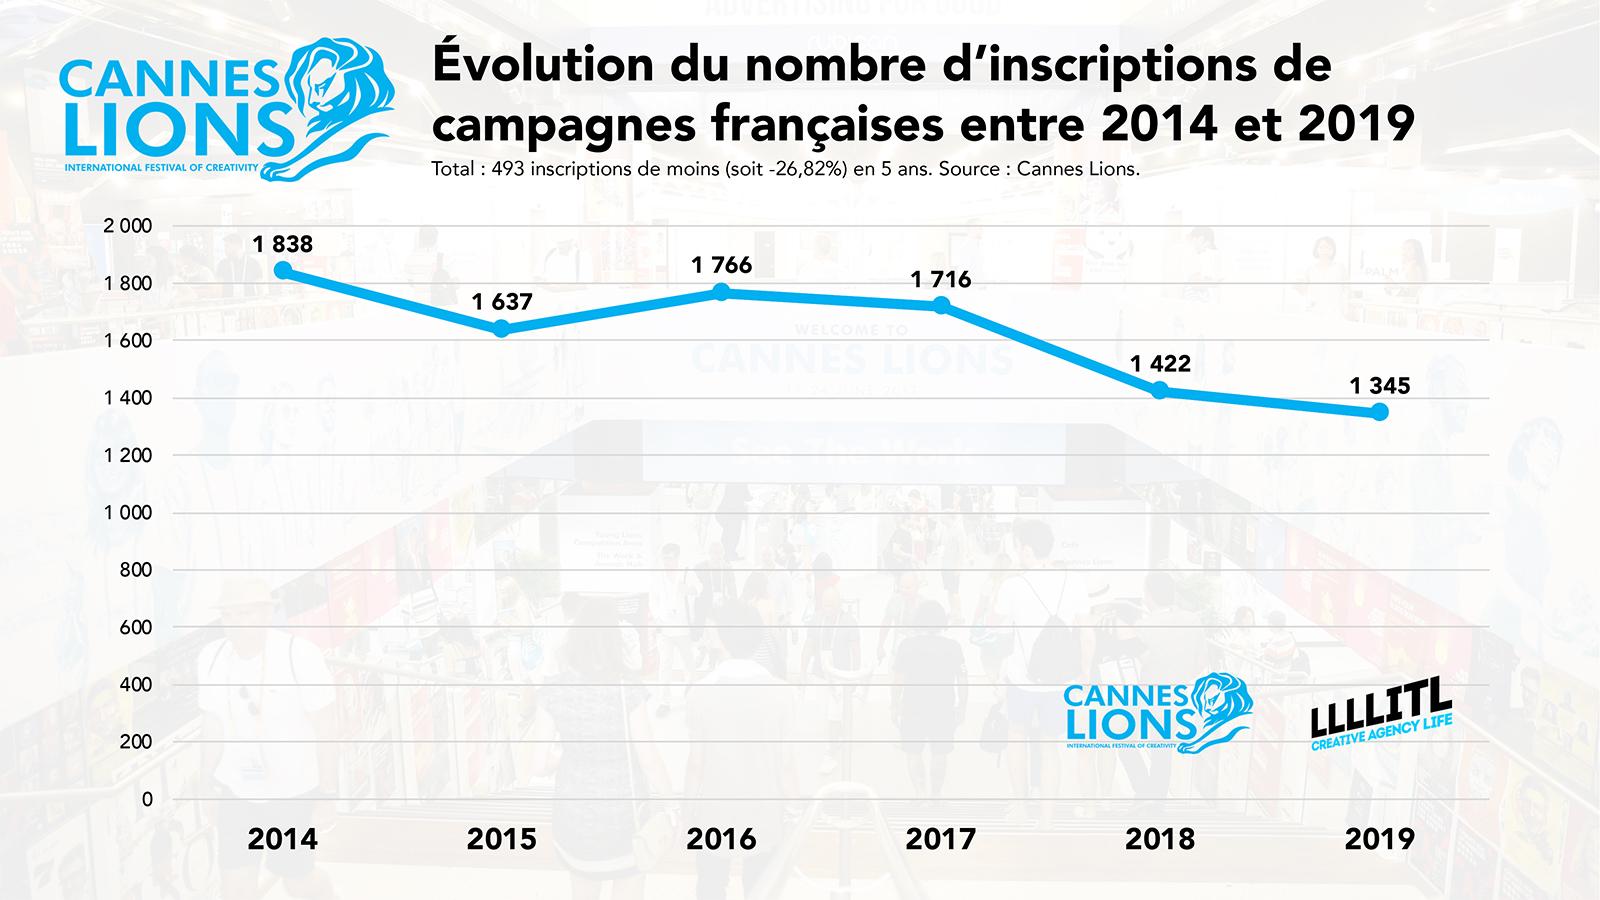 Cannes Lions : évolution du nombre d'inscriptions de campagnes françaises entre 2014 et 2019